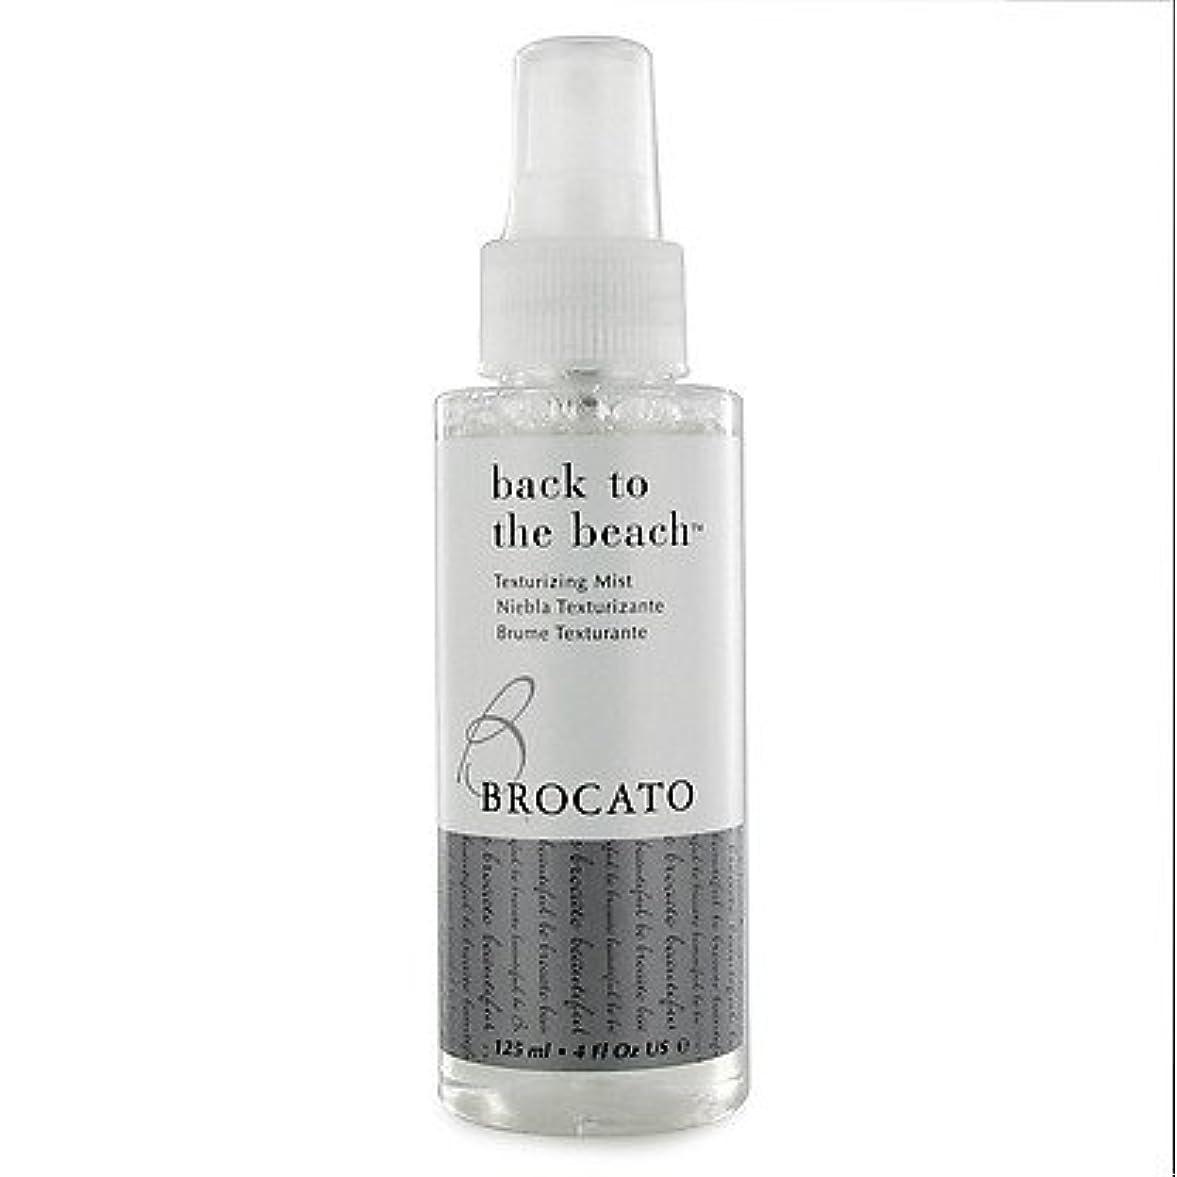 まさに寄稿者投げるBrocato 戻るBeautopia髪でビーチテクスチャーミスト:テクスチャ&ボリュームヘアスタイリングは、女性のためのスプレー - 4オンス 各